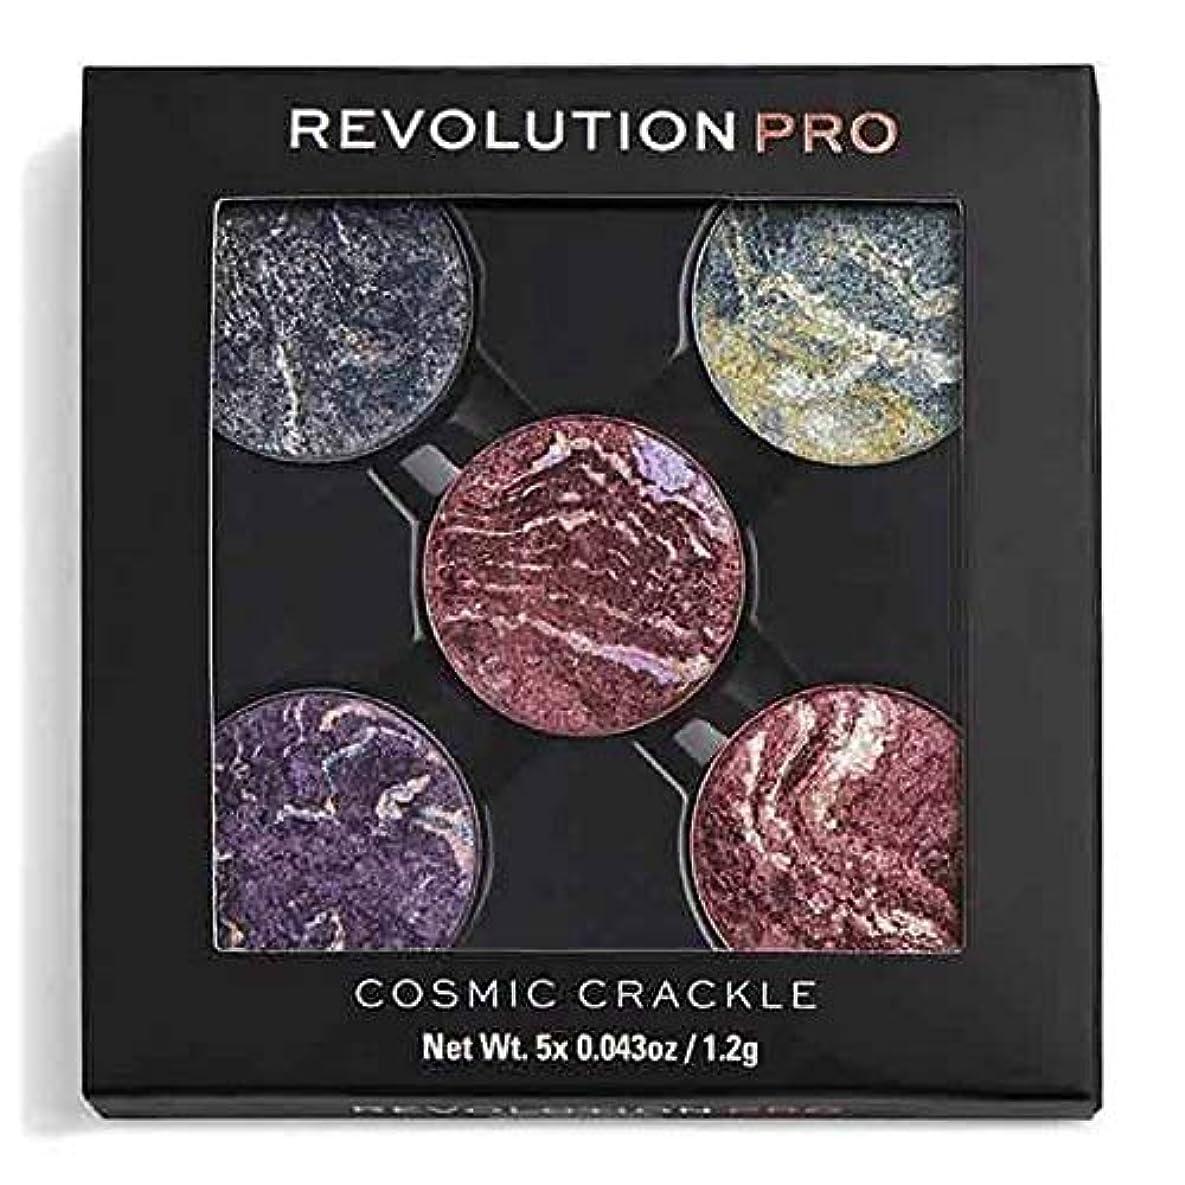 余計な抑圧意気揚々[Revolution ] 革命プロリフィルアイシャドウは、宇宙クラックルをパック - Revolution Pro Refill Eyeshadow Pack Cosmic Crackle [並行輸入品]